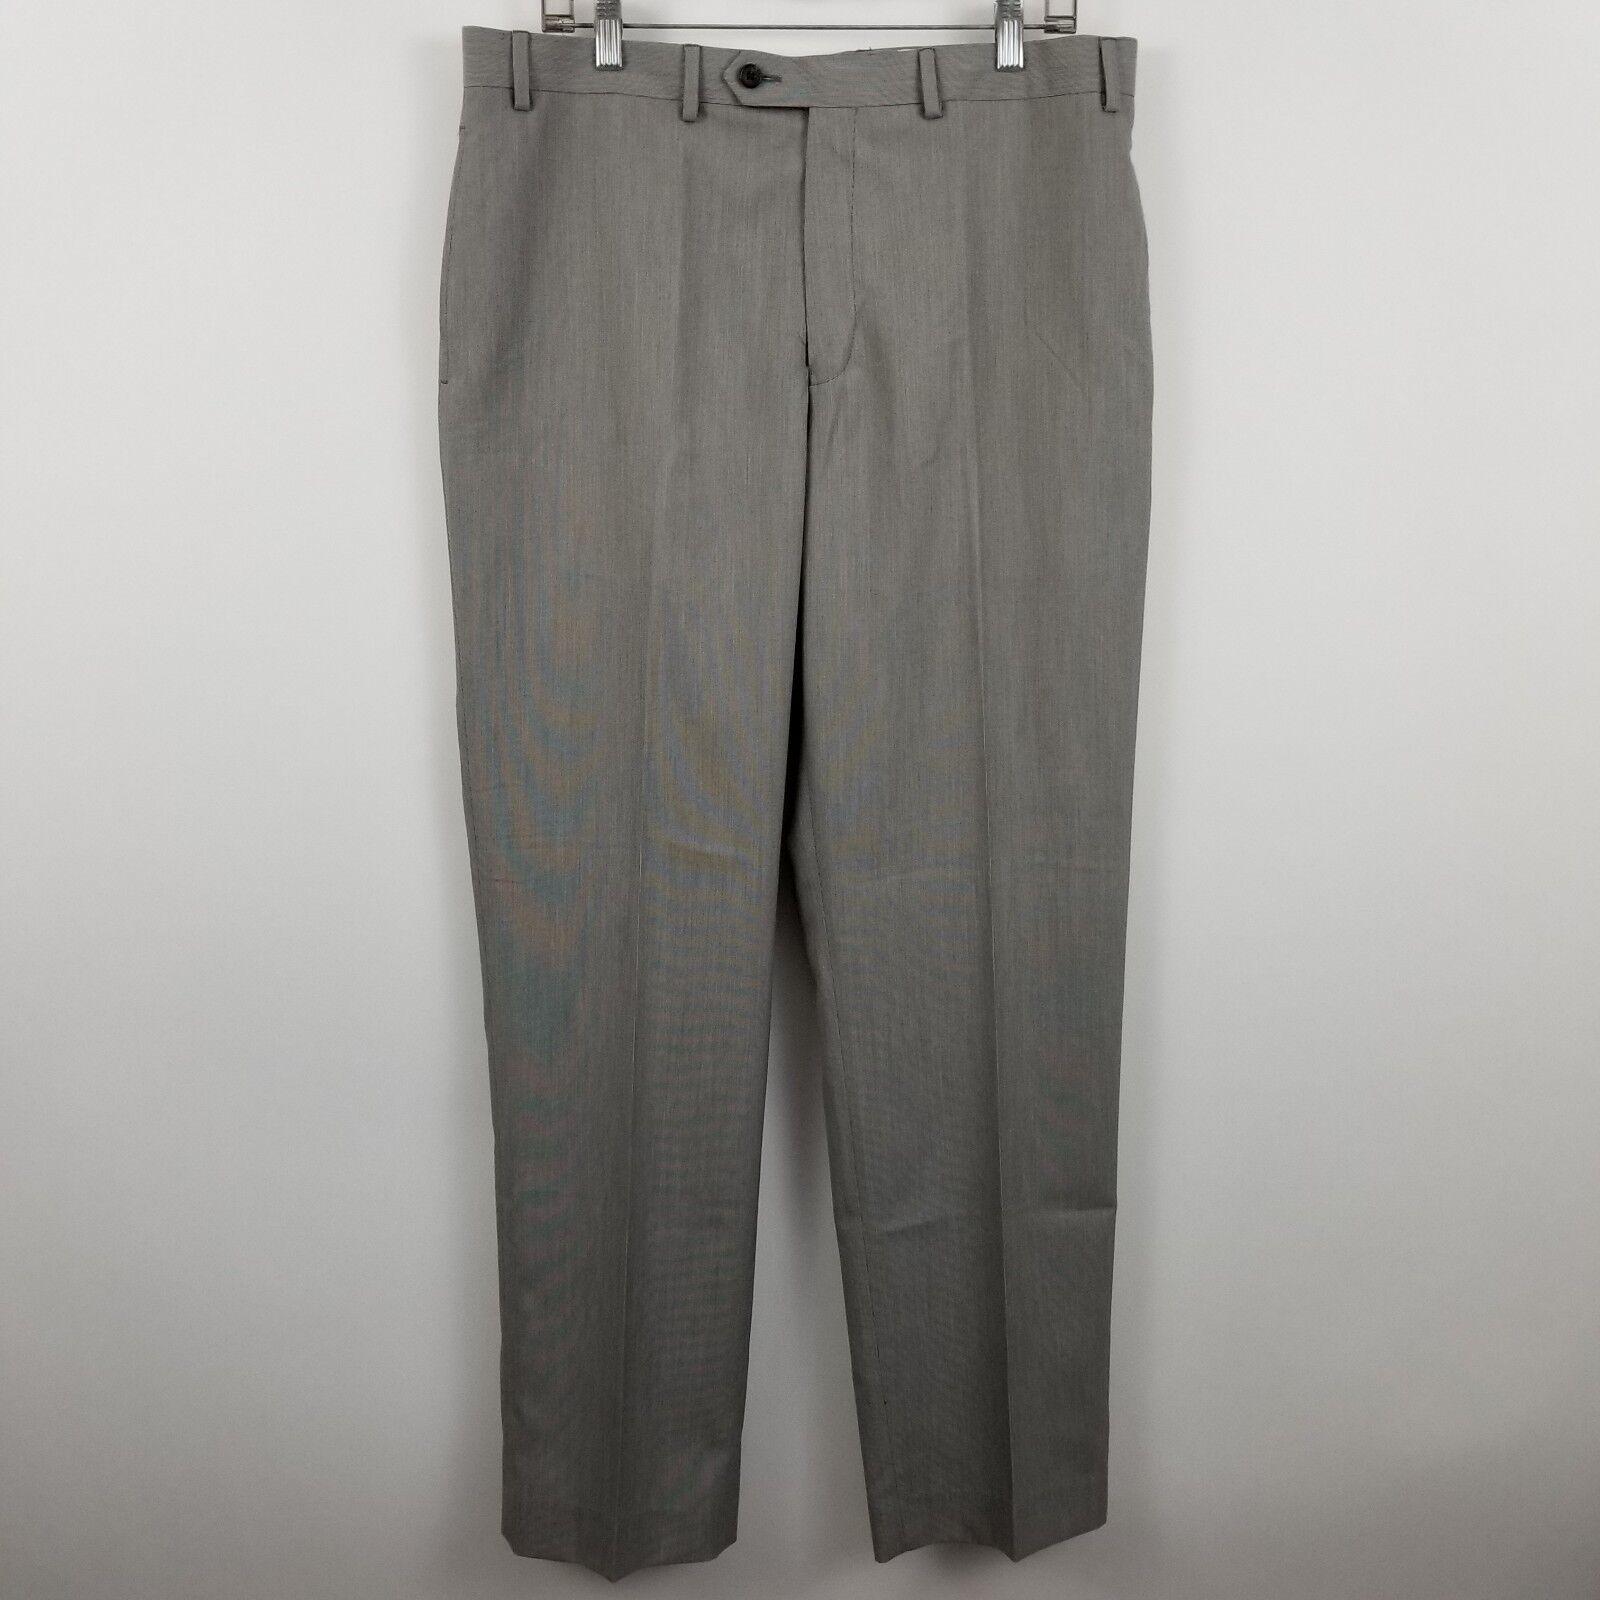 NWOT Ralph Lauren Washable Men's Light Tan Flat Front Dress Pants Size 36 x 32